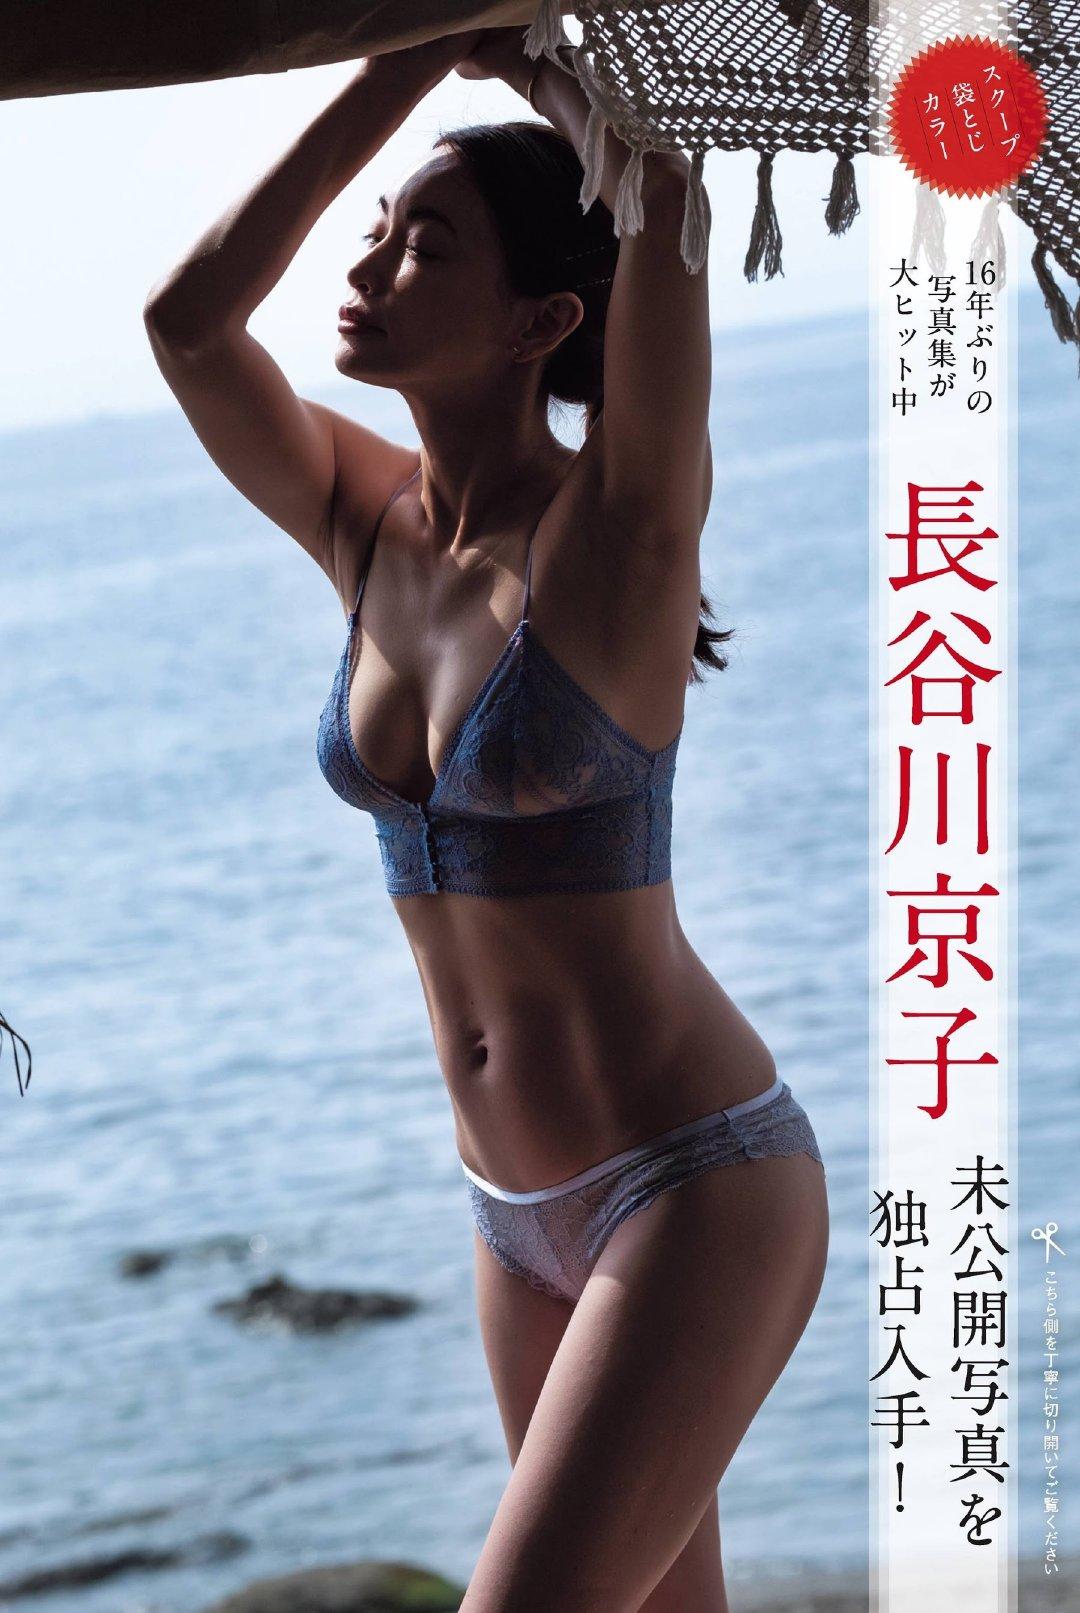 長谷川京子 未公開写真